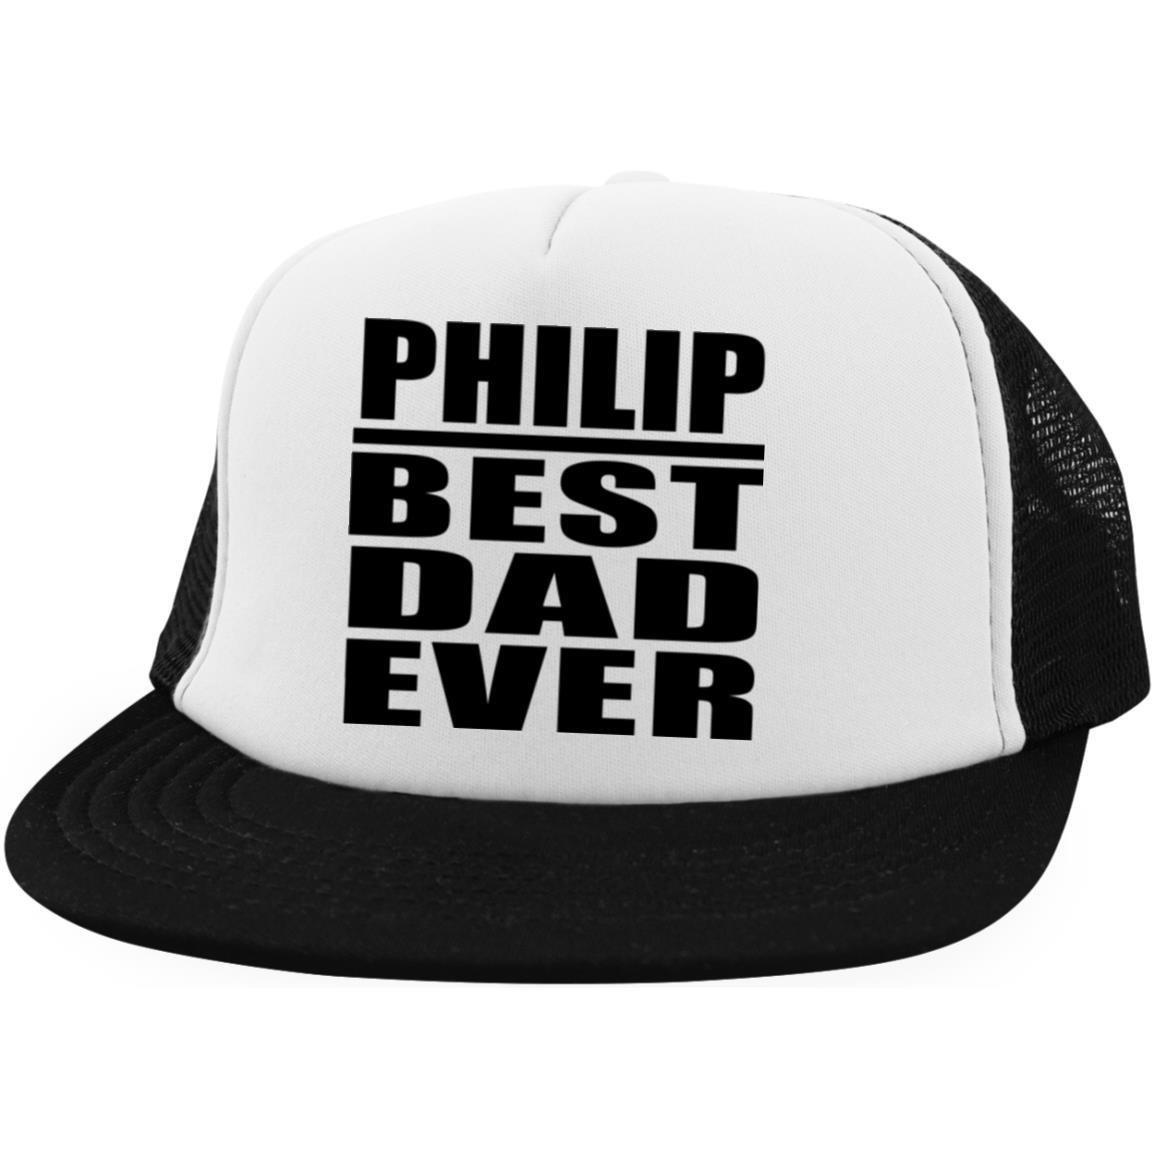 Designsify Philip Best Dad Ever - Trucker Hat Visera, Gorra de ...